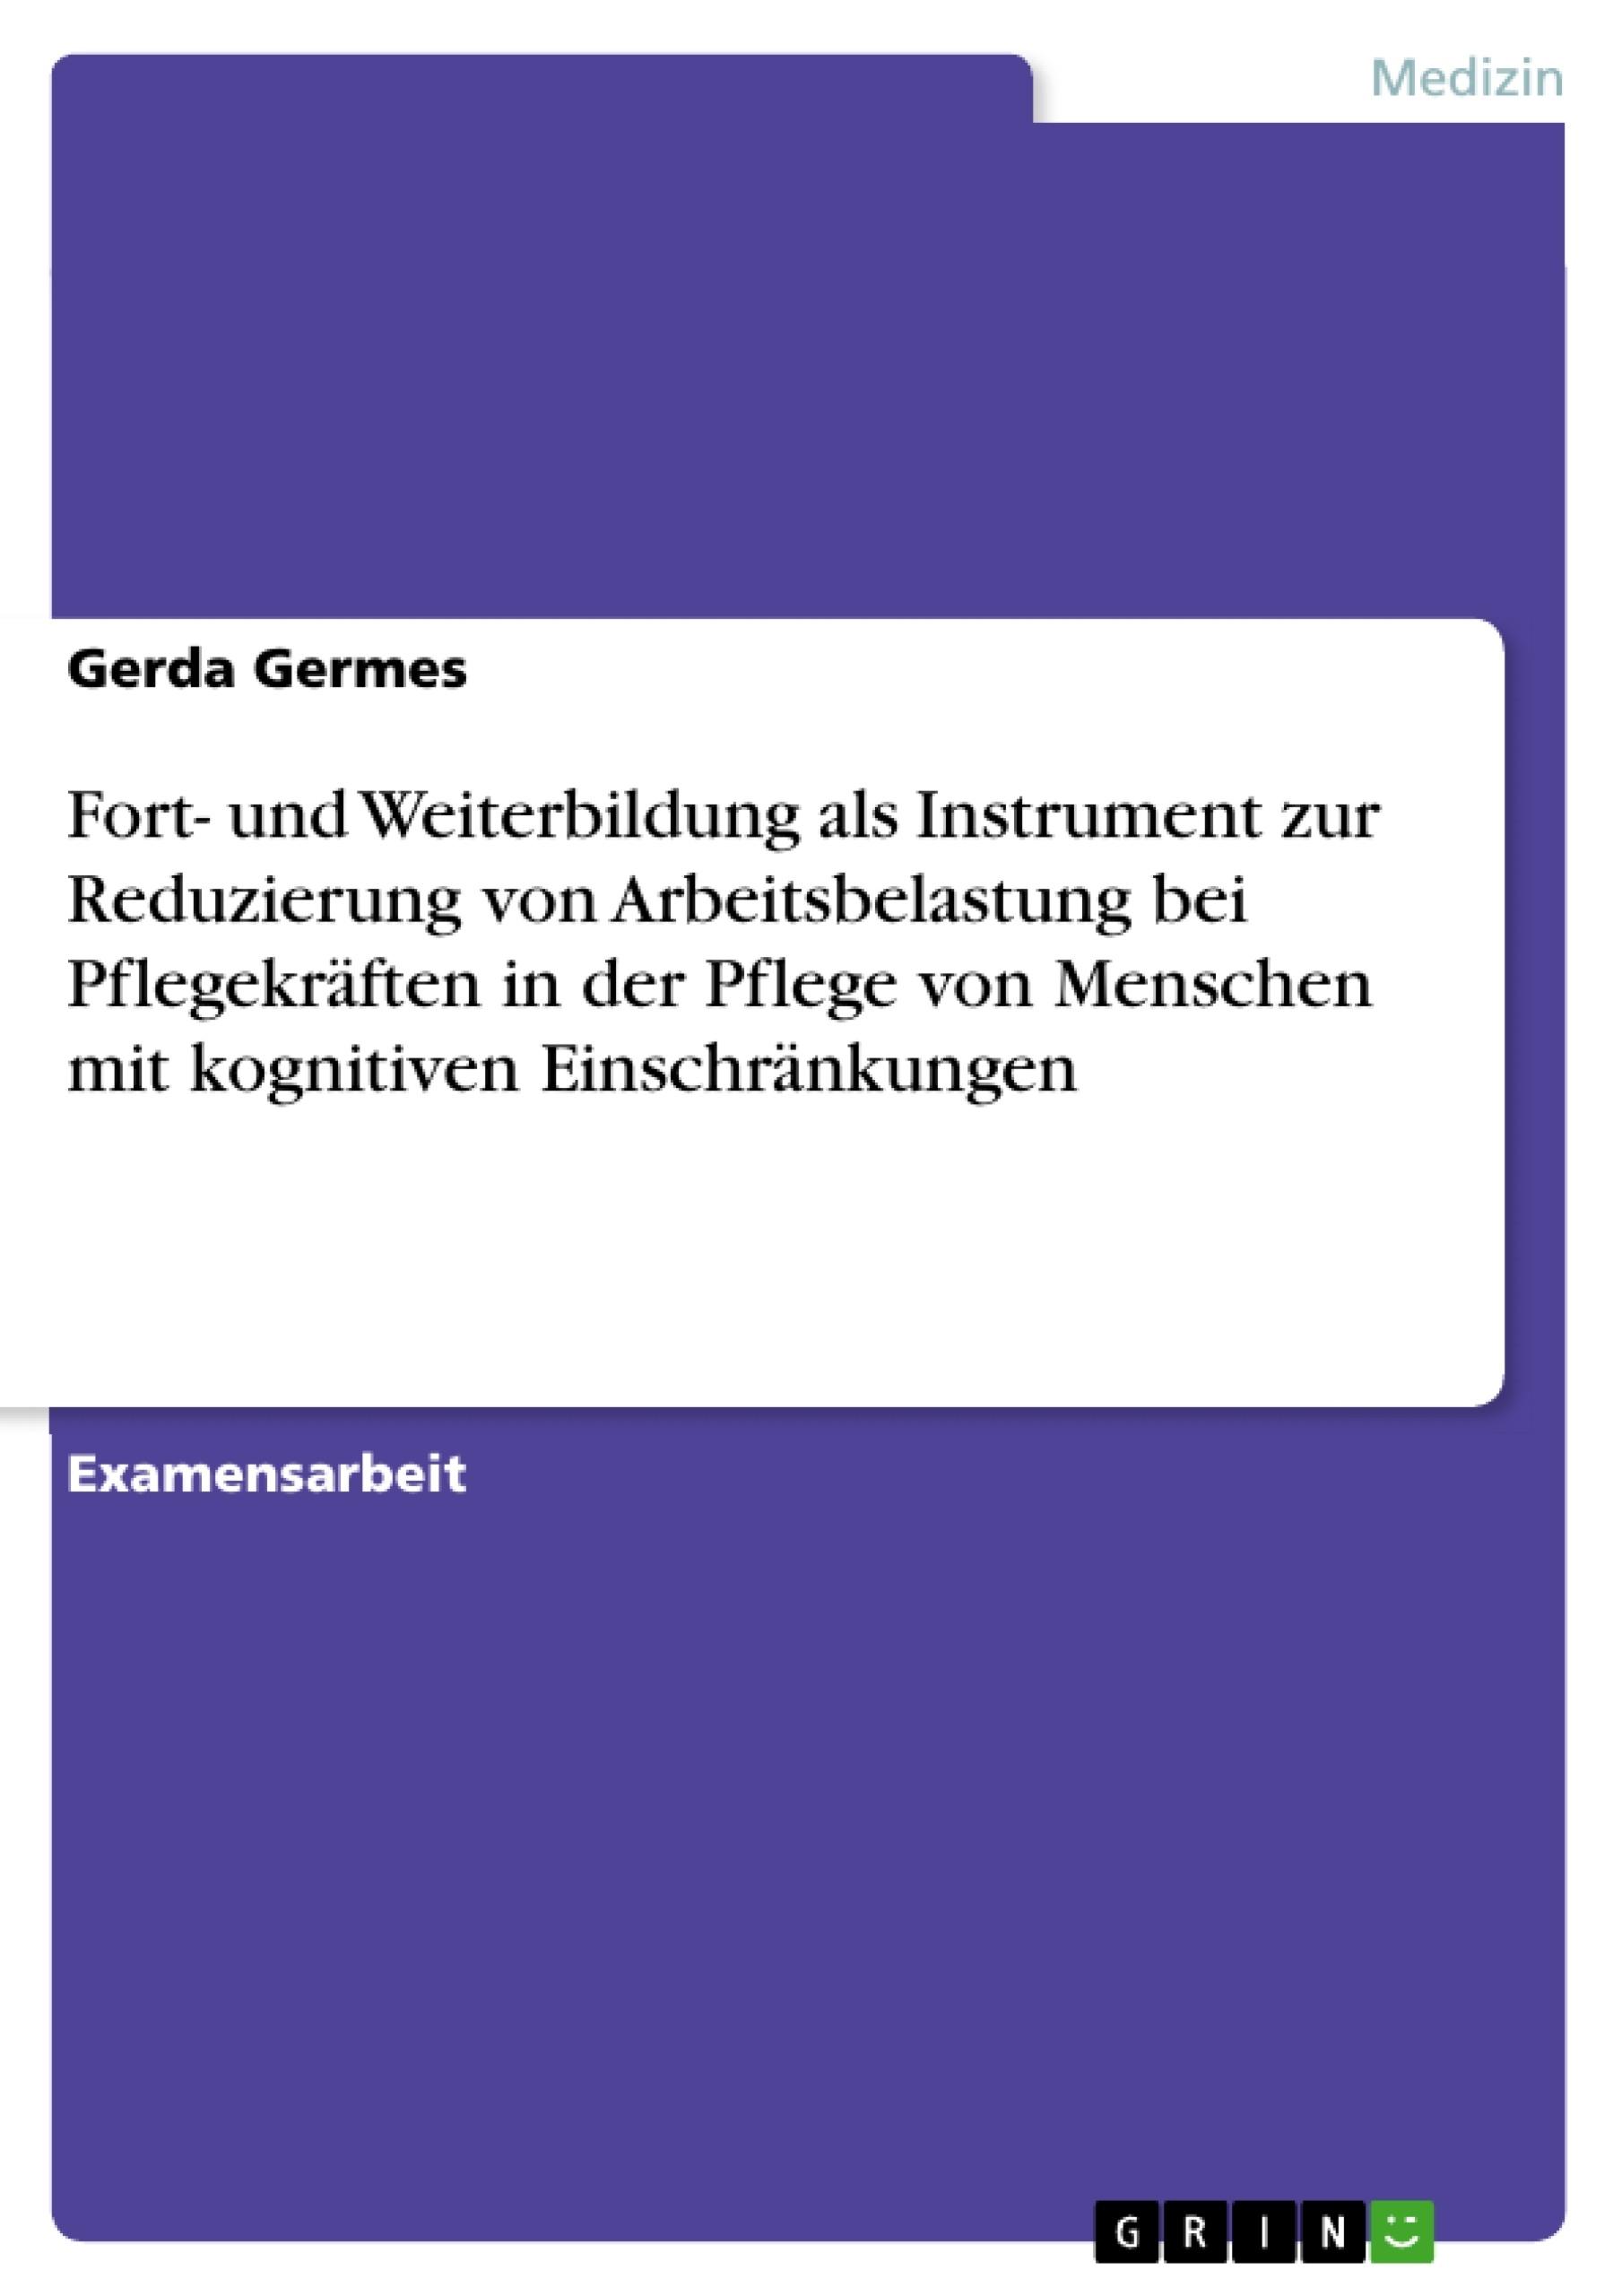 Titel: Fort- und Weiterbildung als Instrument zur Reduzierung von Arbeitsbelastung bei Pflegekräften in der Pflege von Menschen mit kognitiven Einschränkungen